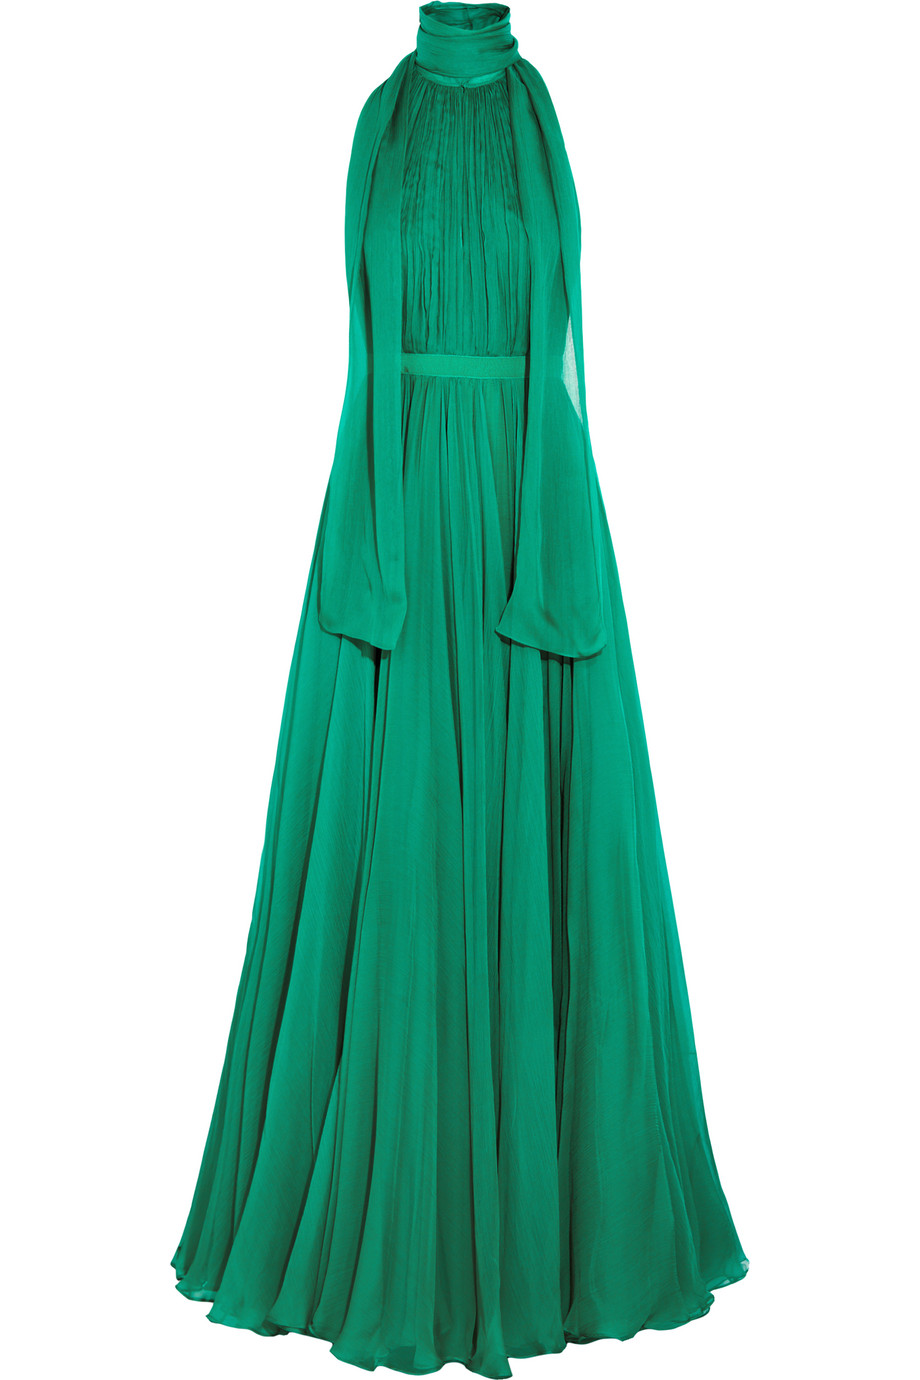 Alexander Mcqueen Crinkled Silk-Chiffon Halterneck Gown, Size: 38